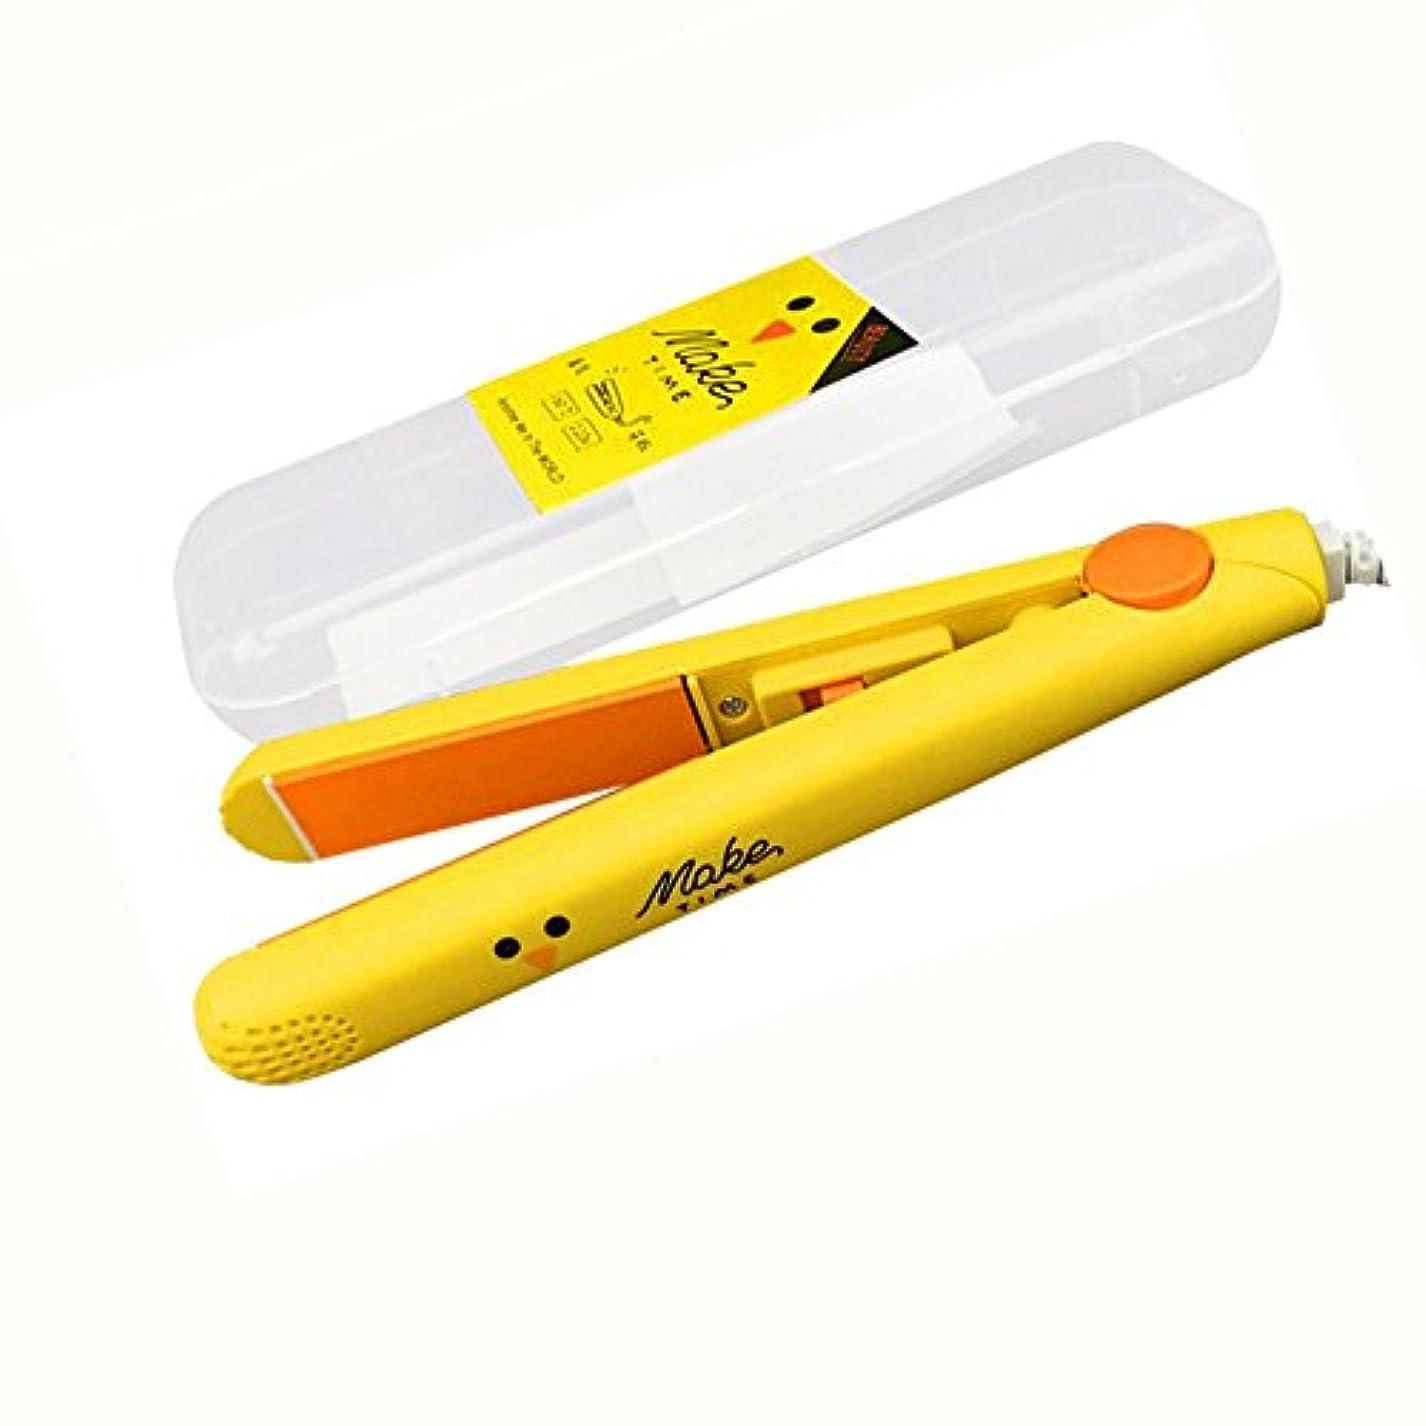 提出するコンチネンタルそれmini ヘアアイロン ストレートアイロン 携帯便利 3カラー (イエロー)